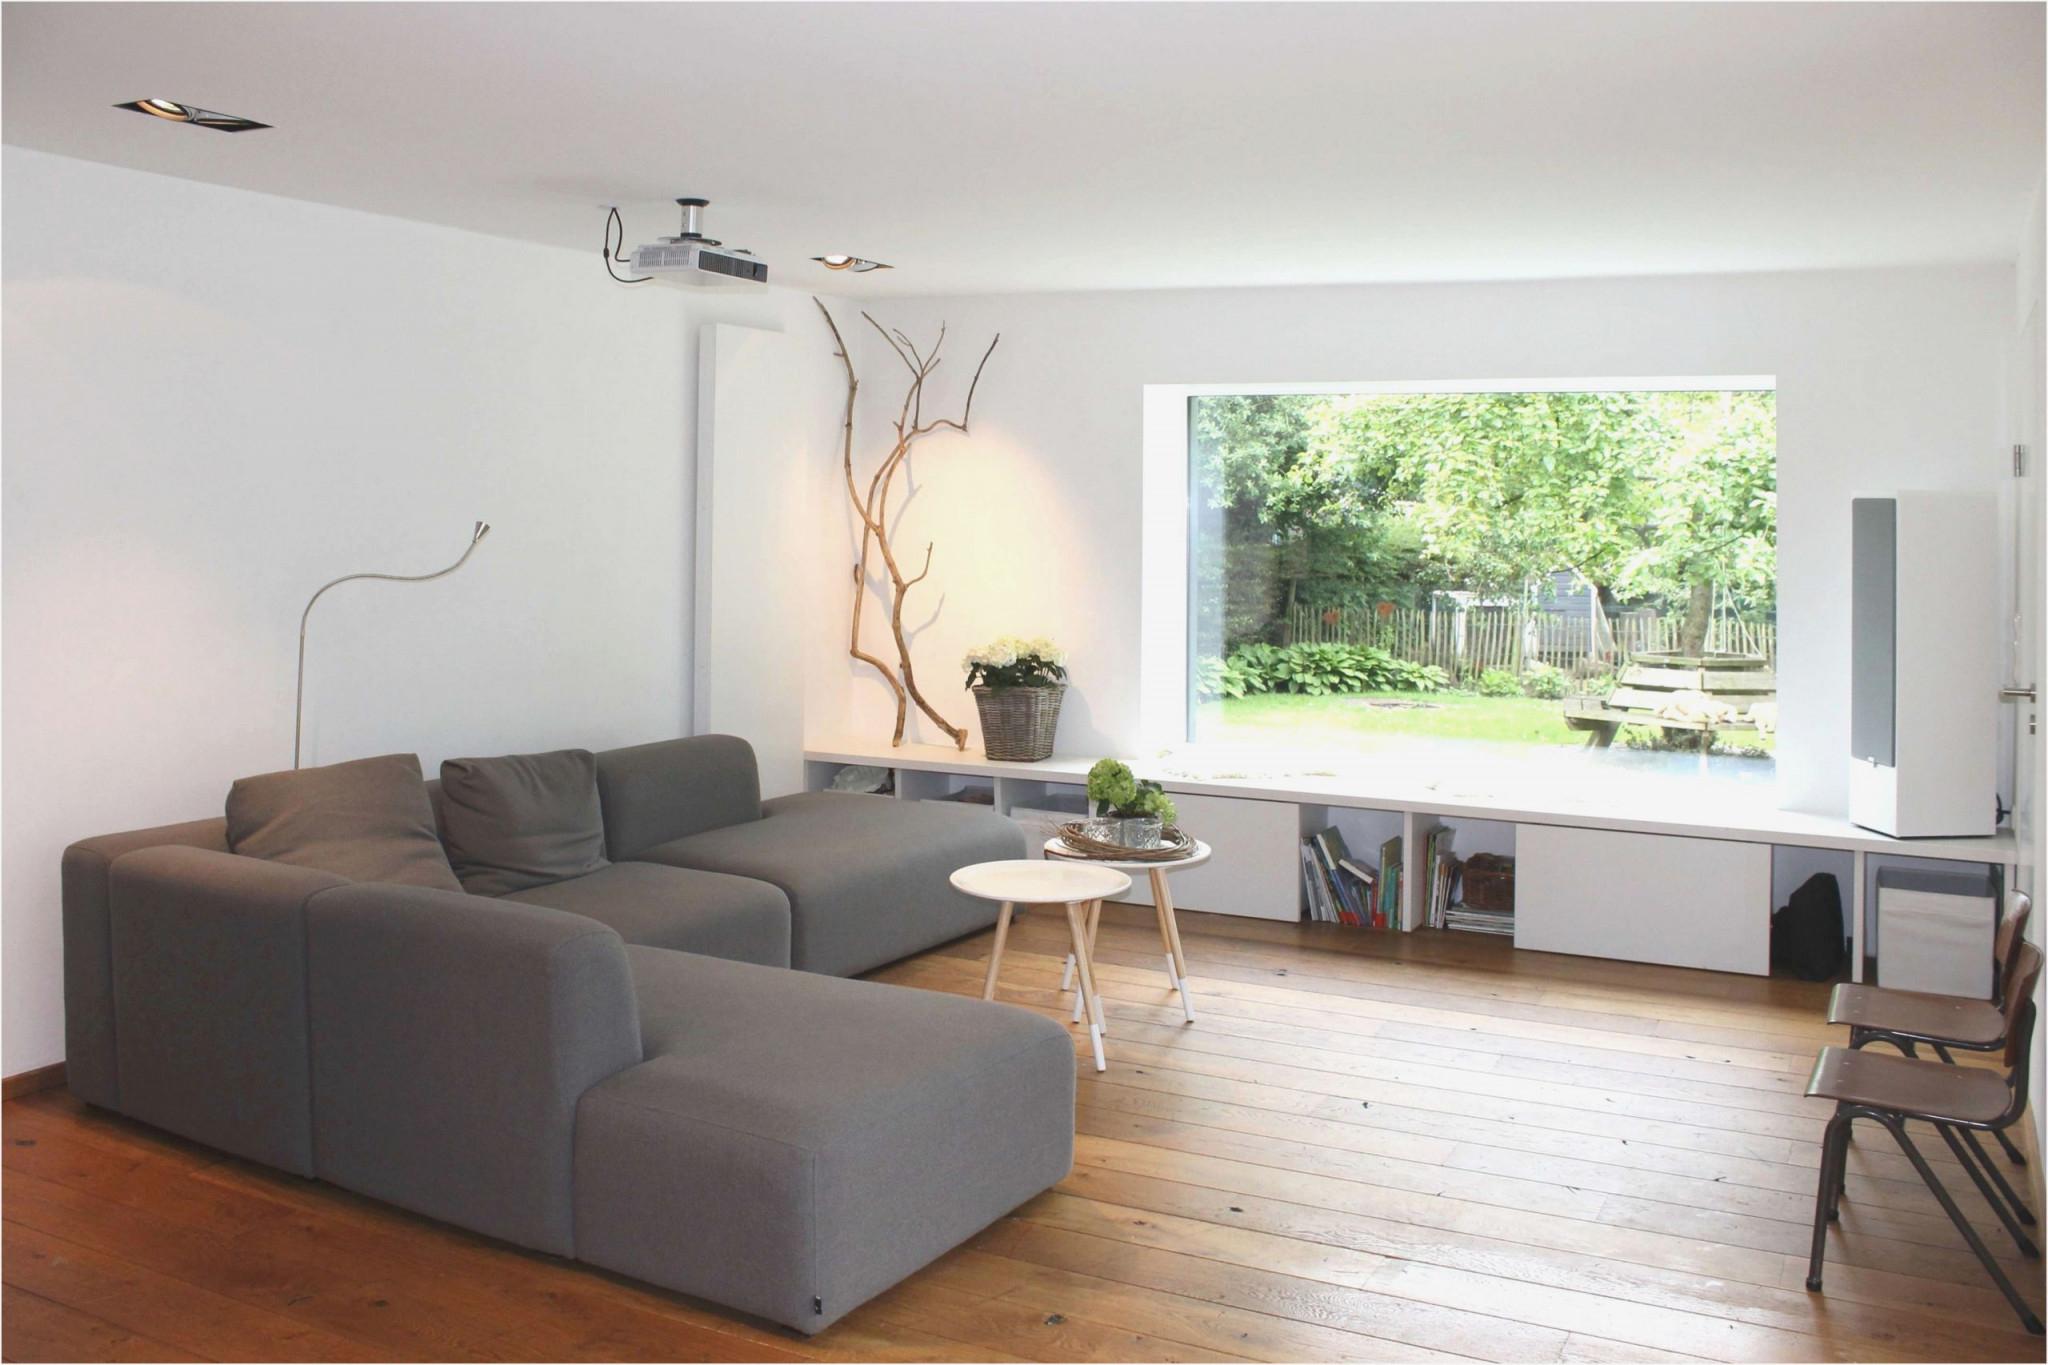 Wohnzimmer Ideen Bei Einer 1 Zimmer Wohnung  Wohnzimmer von Wohnung Wohnzimmer Ideen Bild